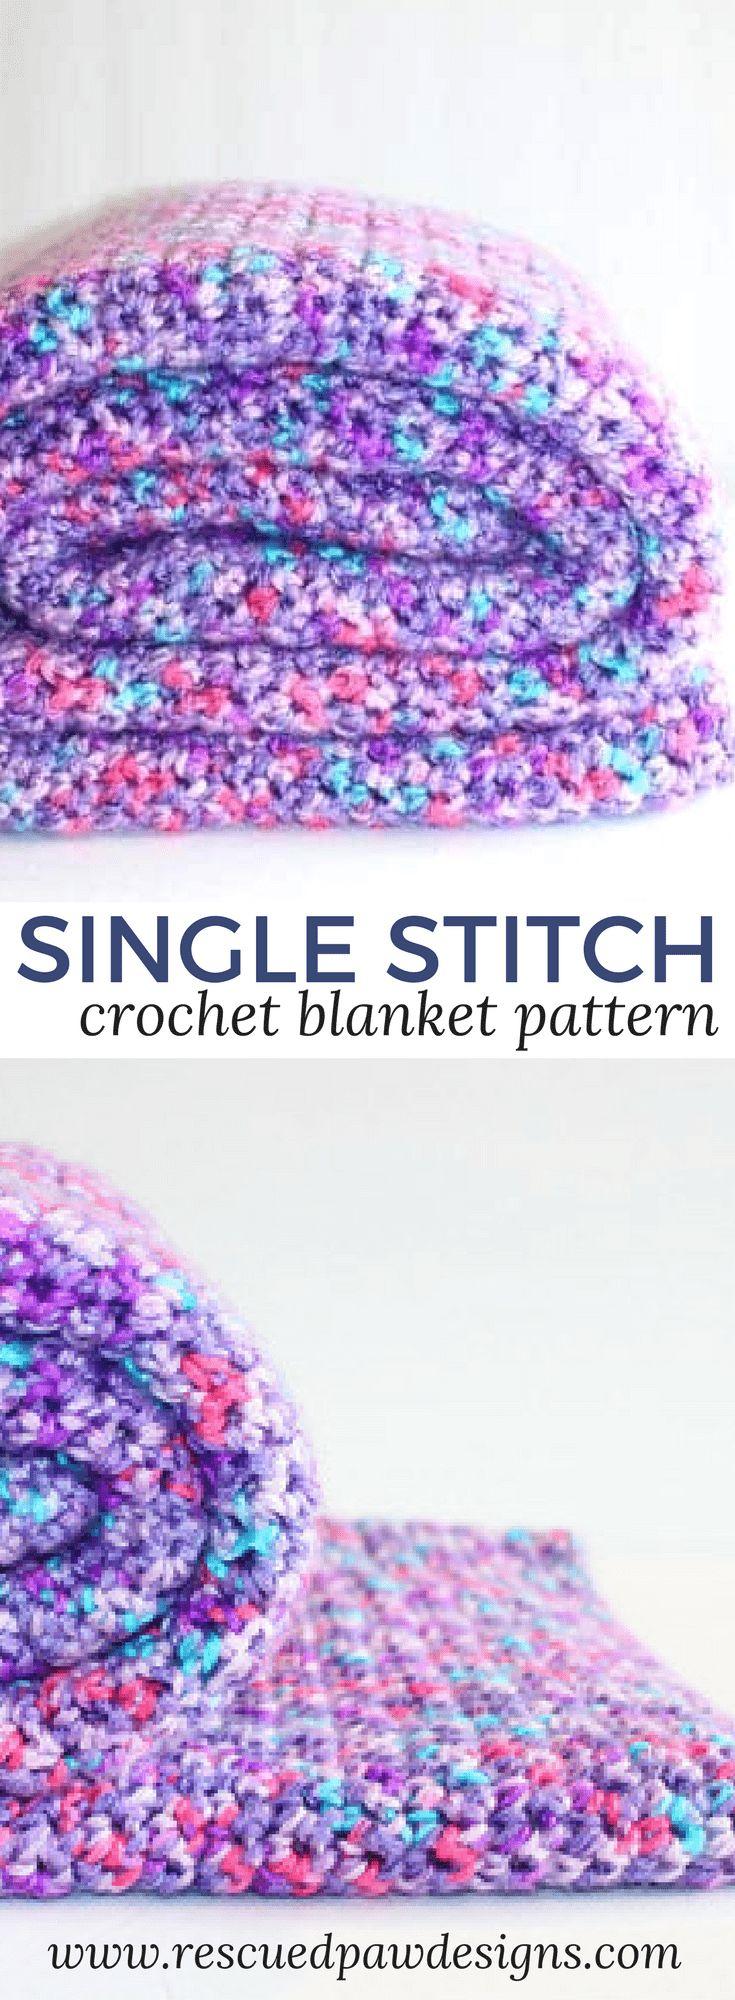 Padrão de Cobertor de Crochê Único de Elise